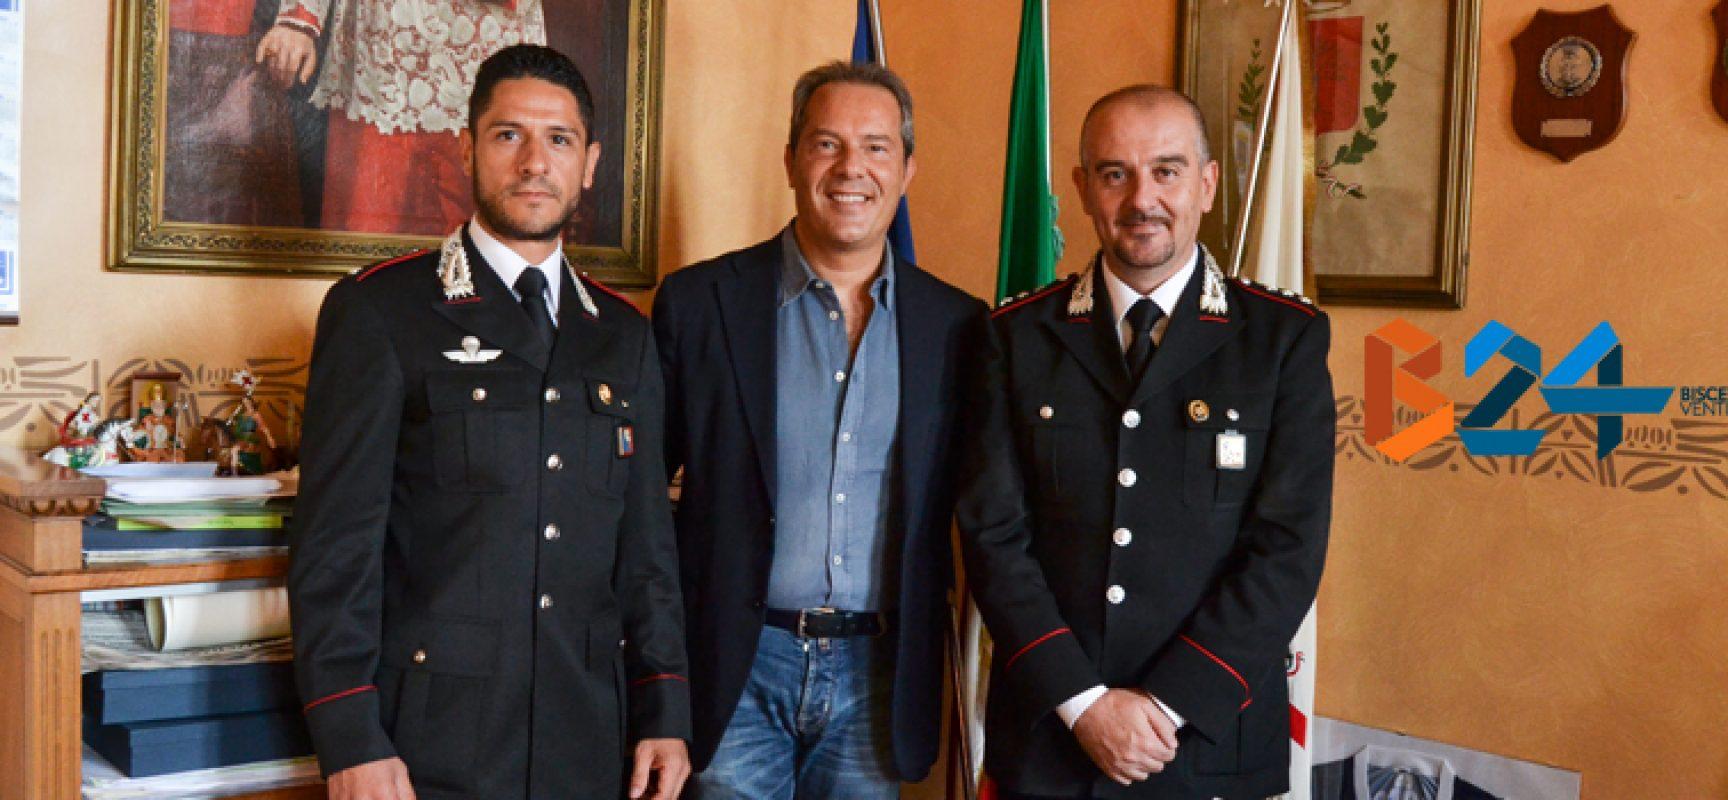 Il Capitano Riccardi saluta il sindaco e la città, arriva il Sottotenente Caputo